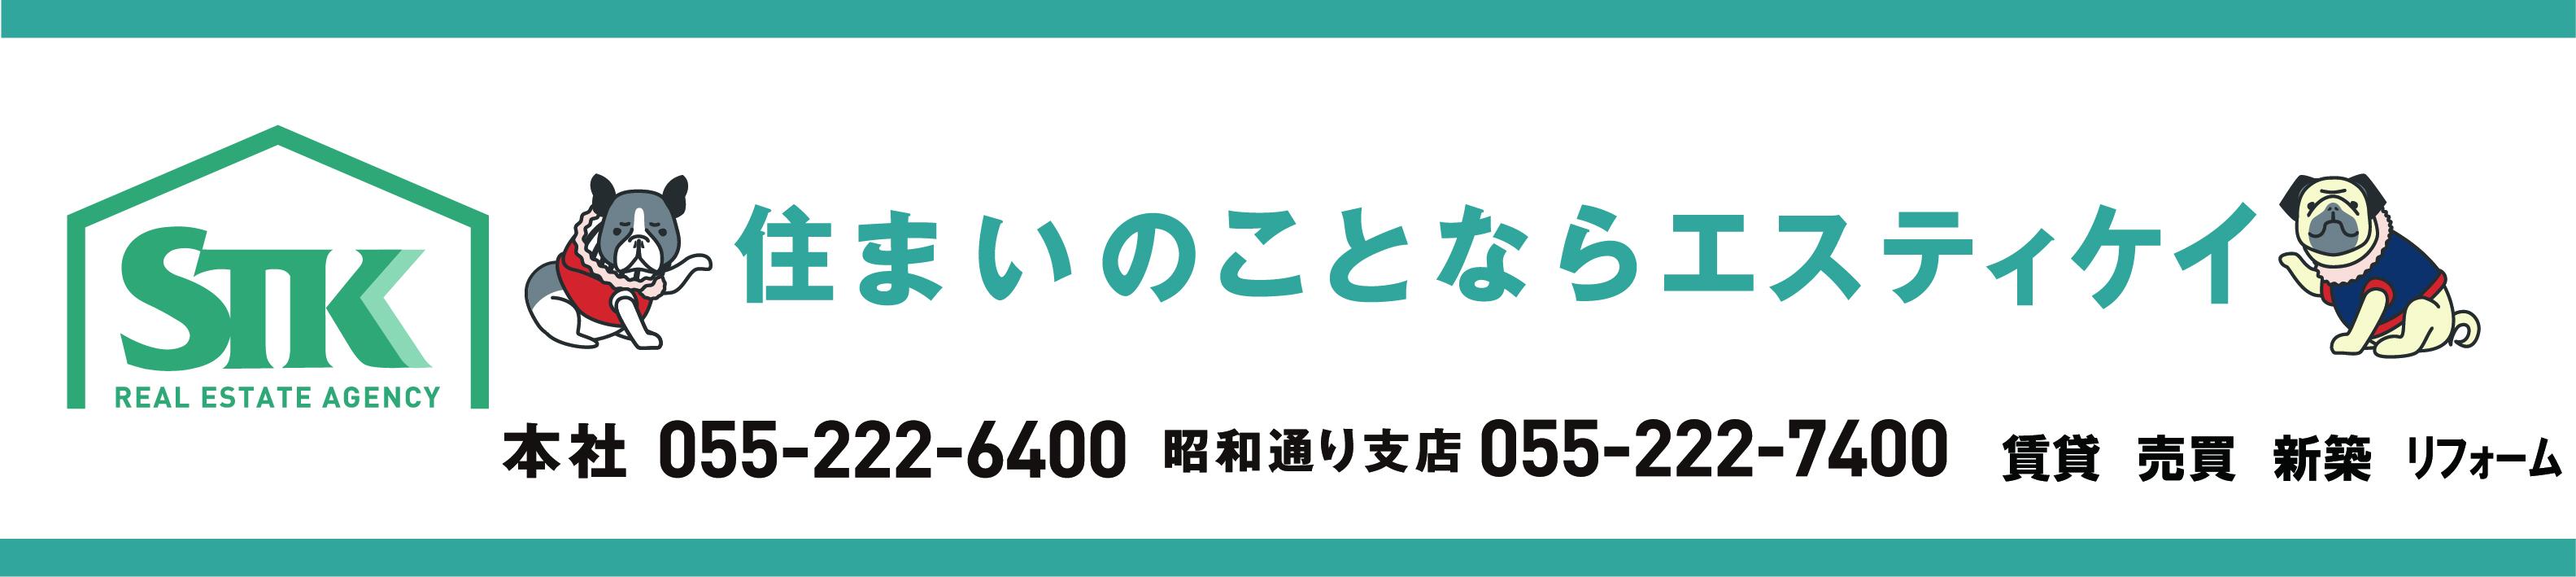 山梨県 株式会社エスティケイ 甲府昭和高校 同窓会